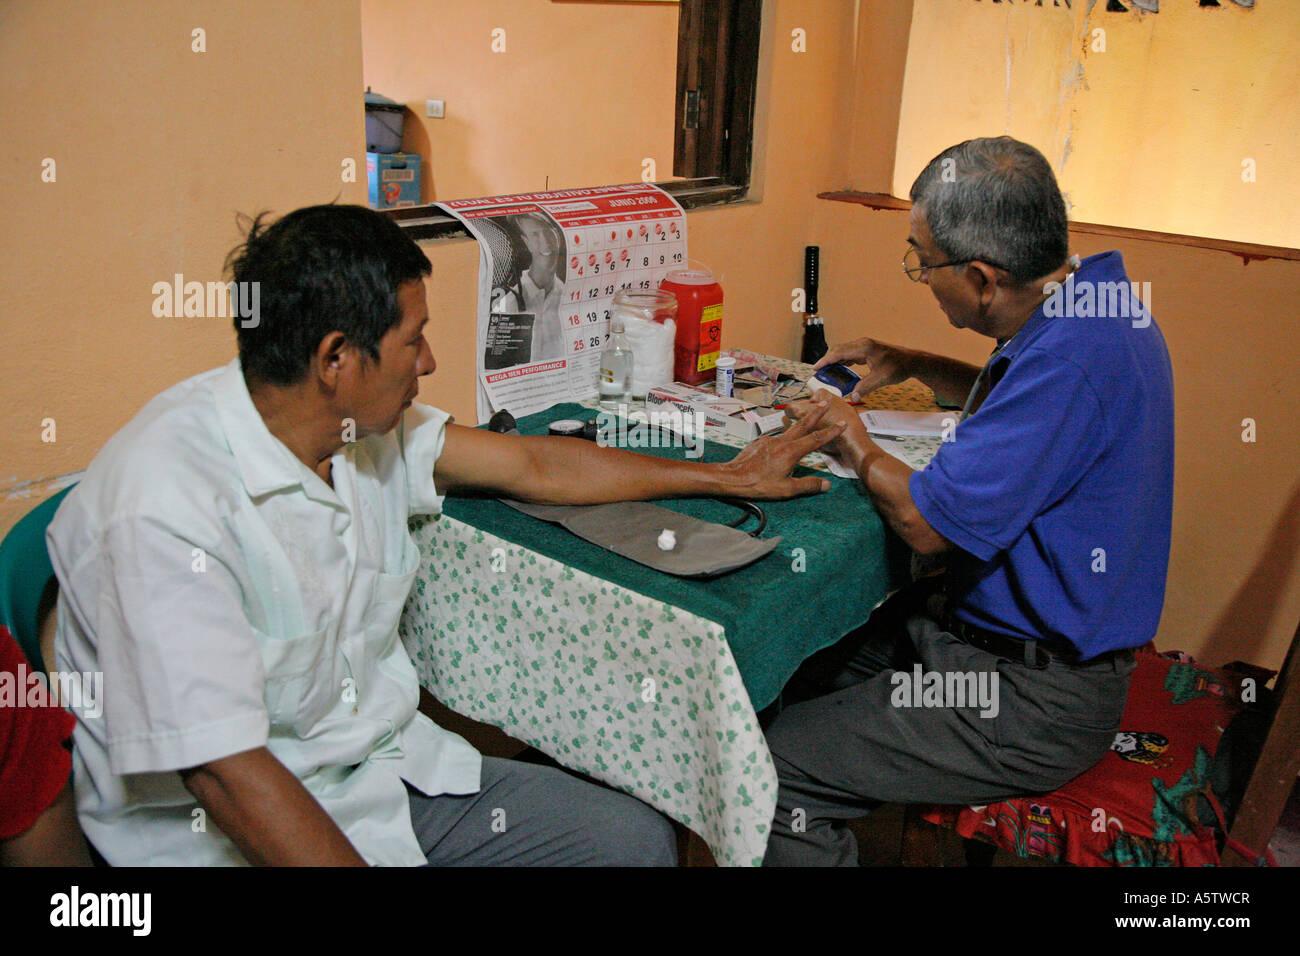 Painet jj1534 guatemala paramedic taking blood sample test sugar ...